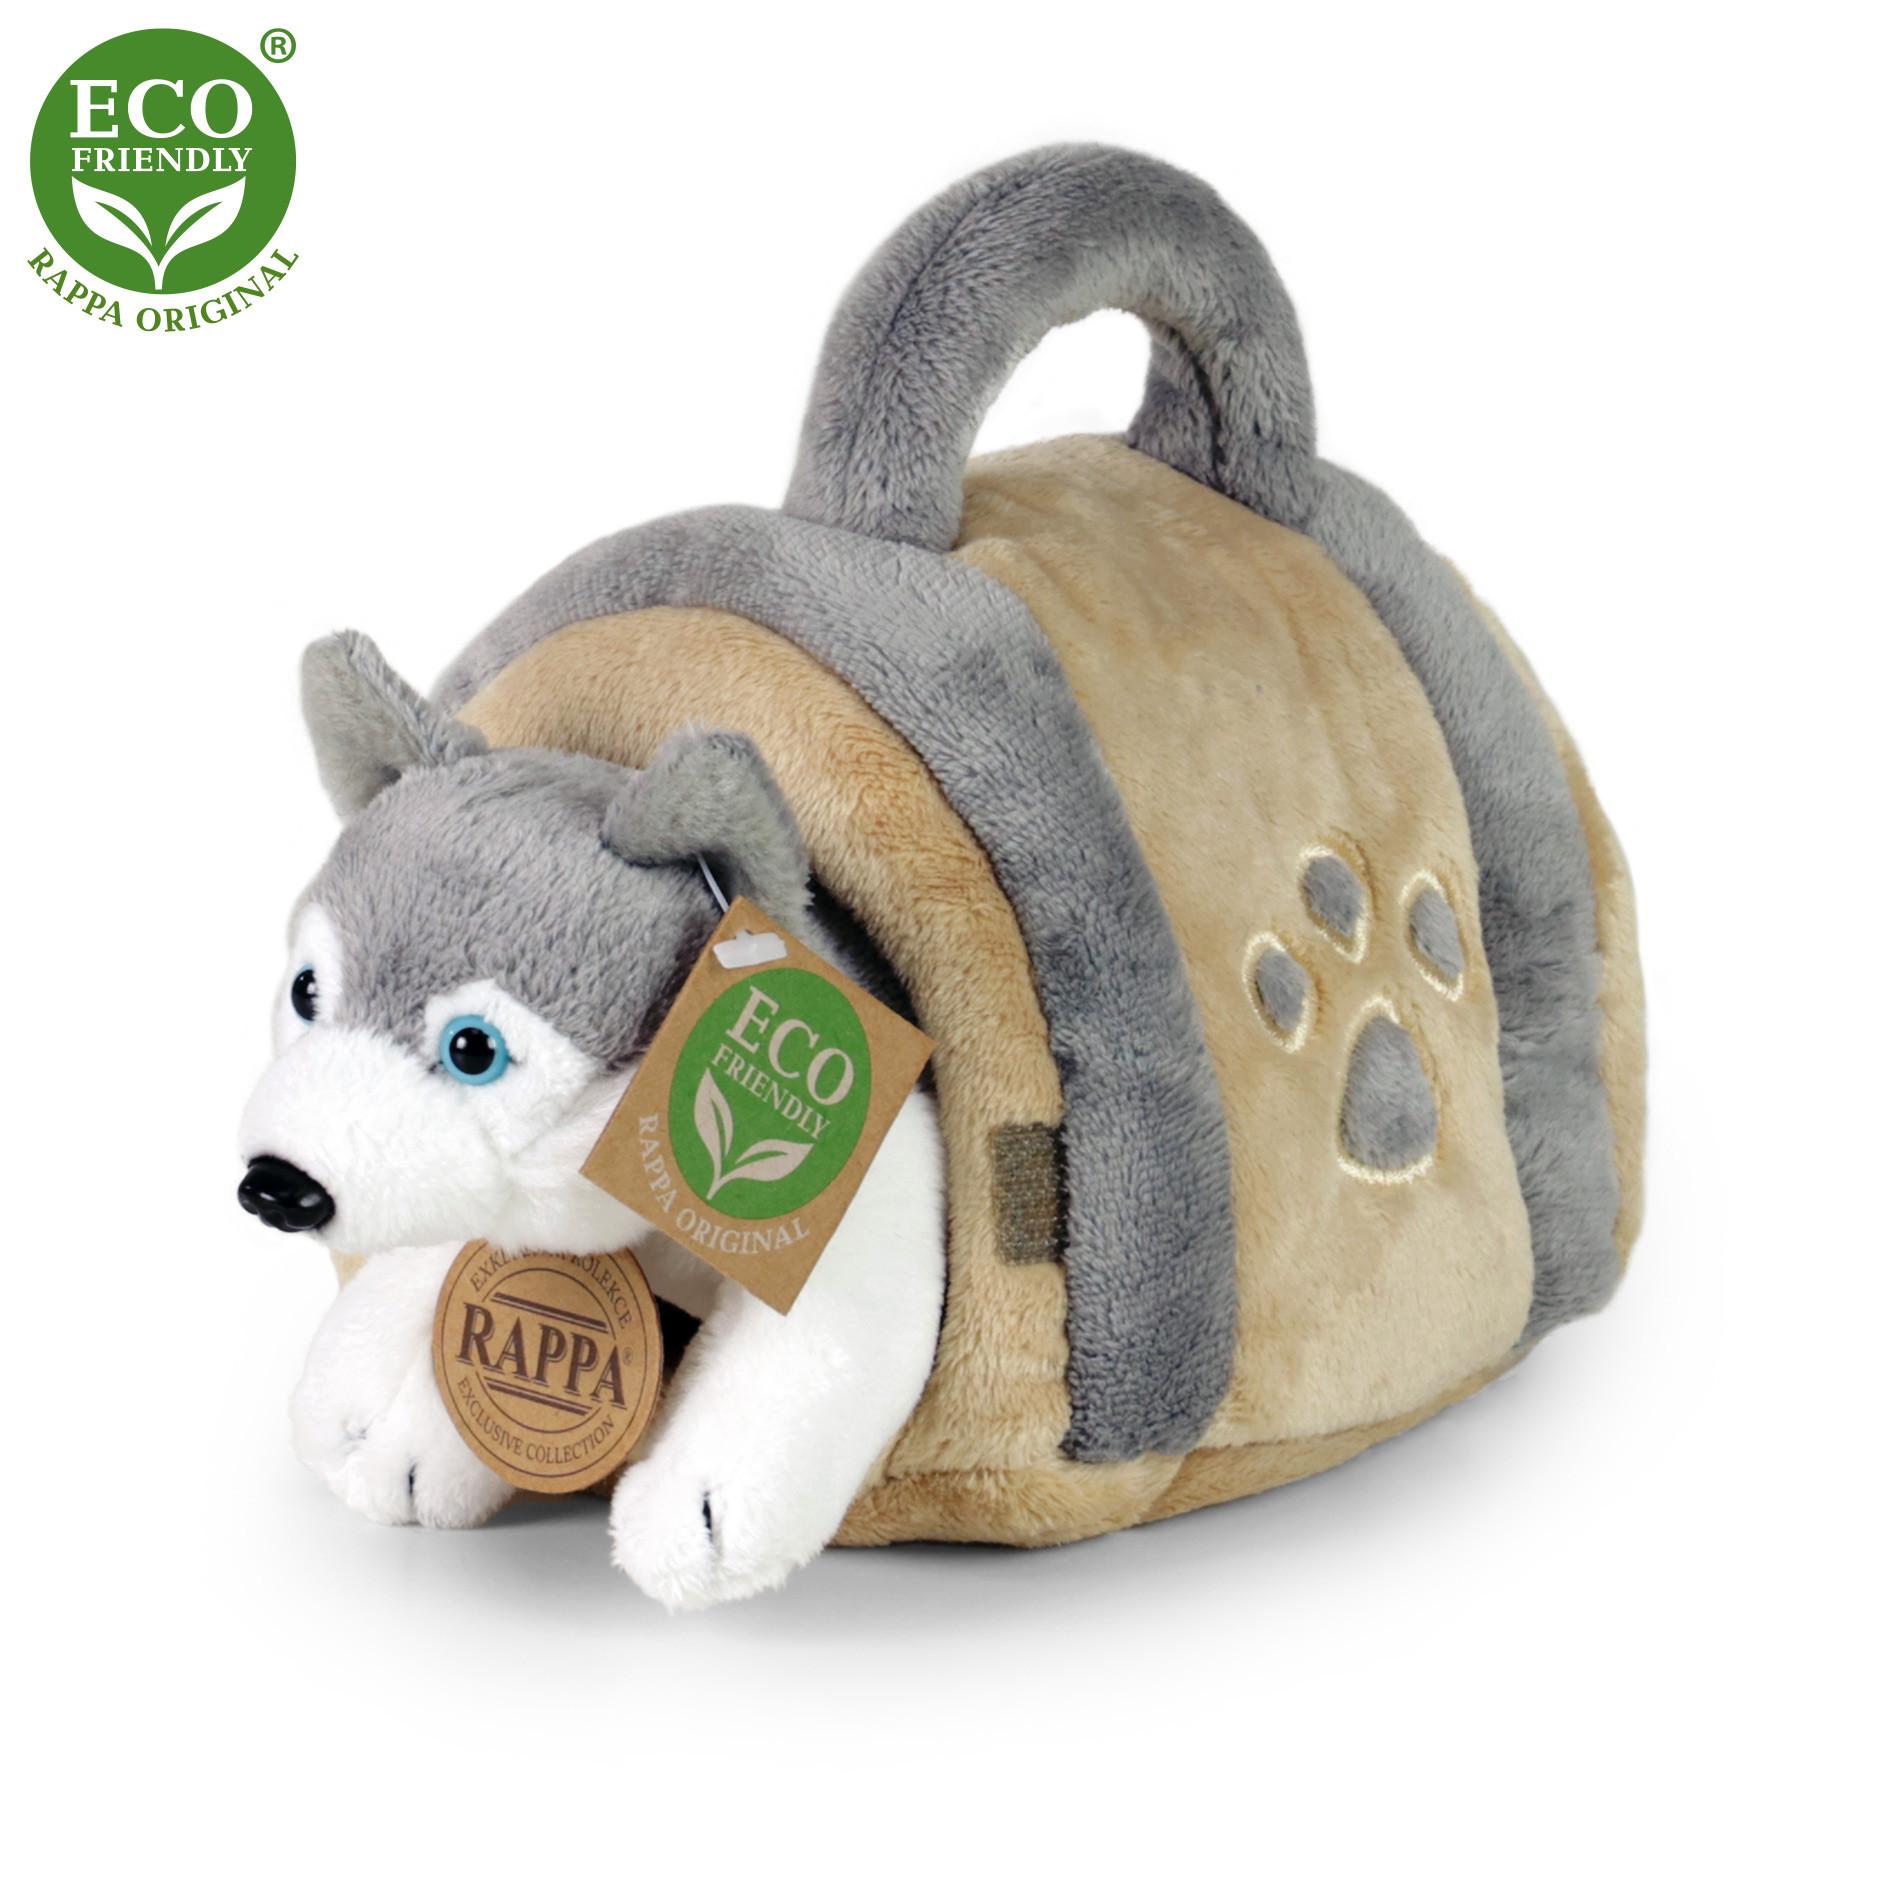 Plyšový pes husky 13 cm s přepravkou ECO-FRIENDLY